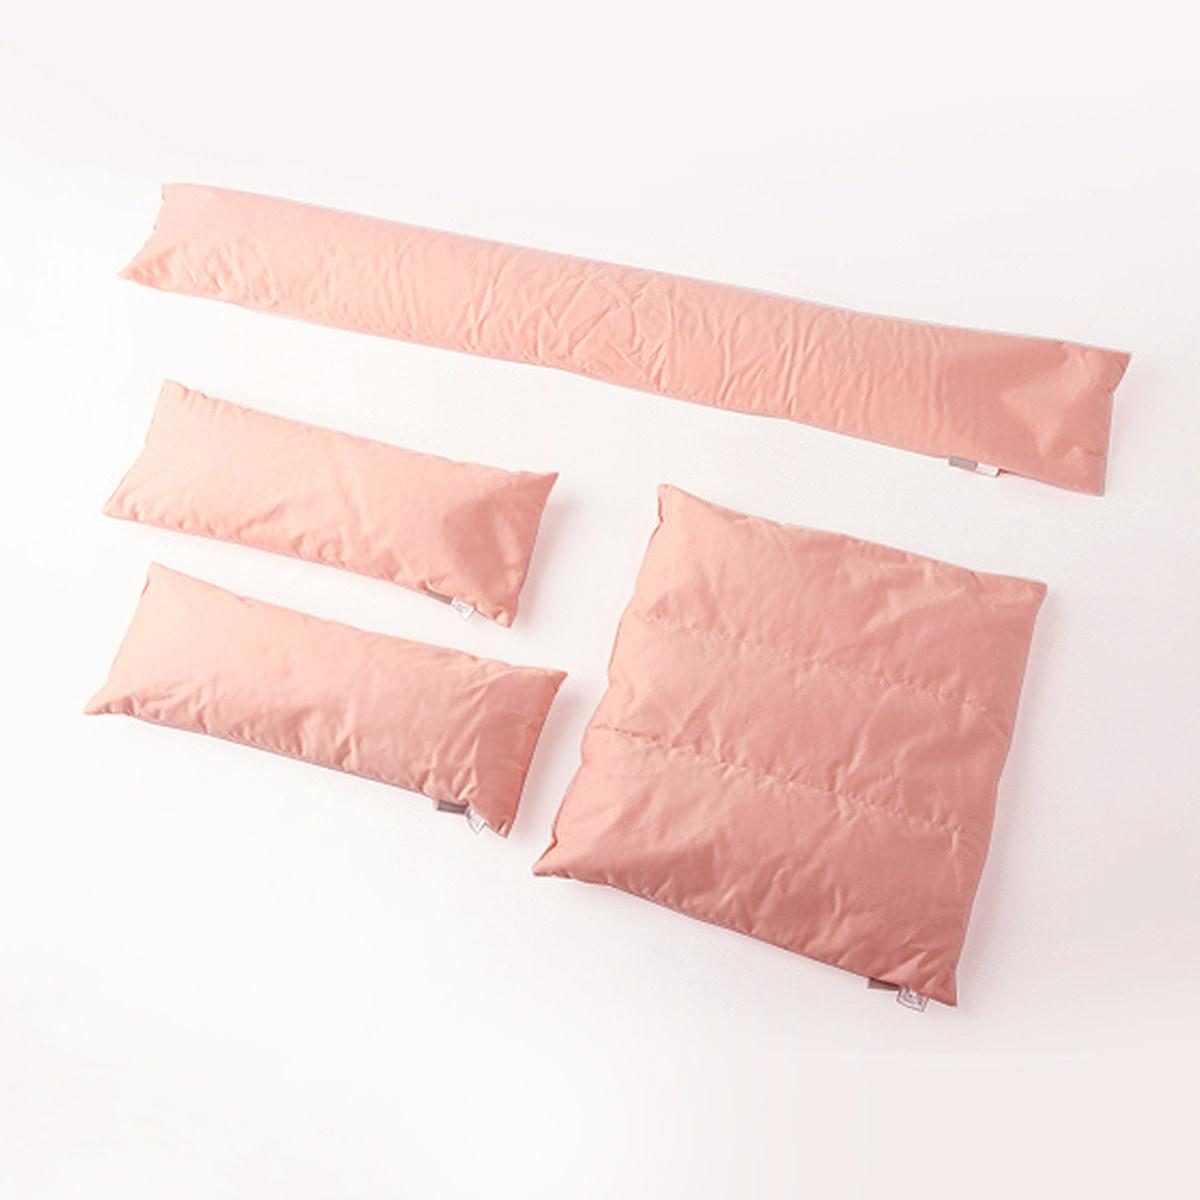 ポジクッションおすすめセット 株式会社丸井商事 静岡県 介護施設で開発された姿勢ケア商品のセット。